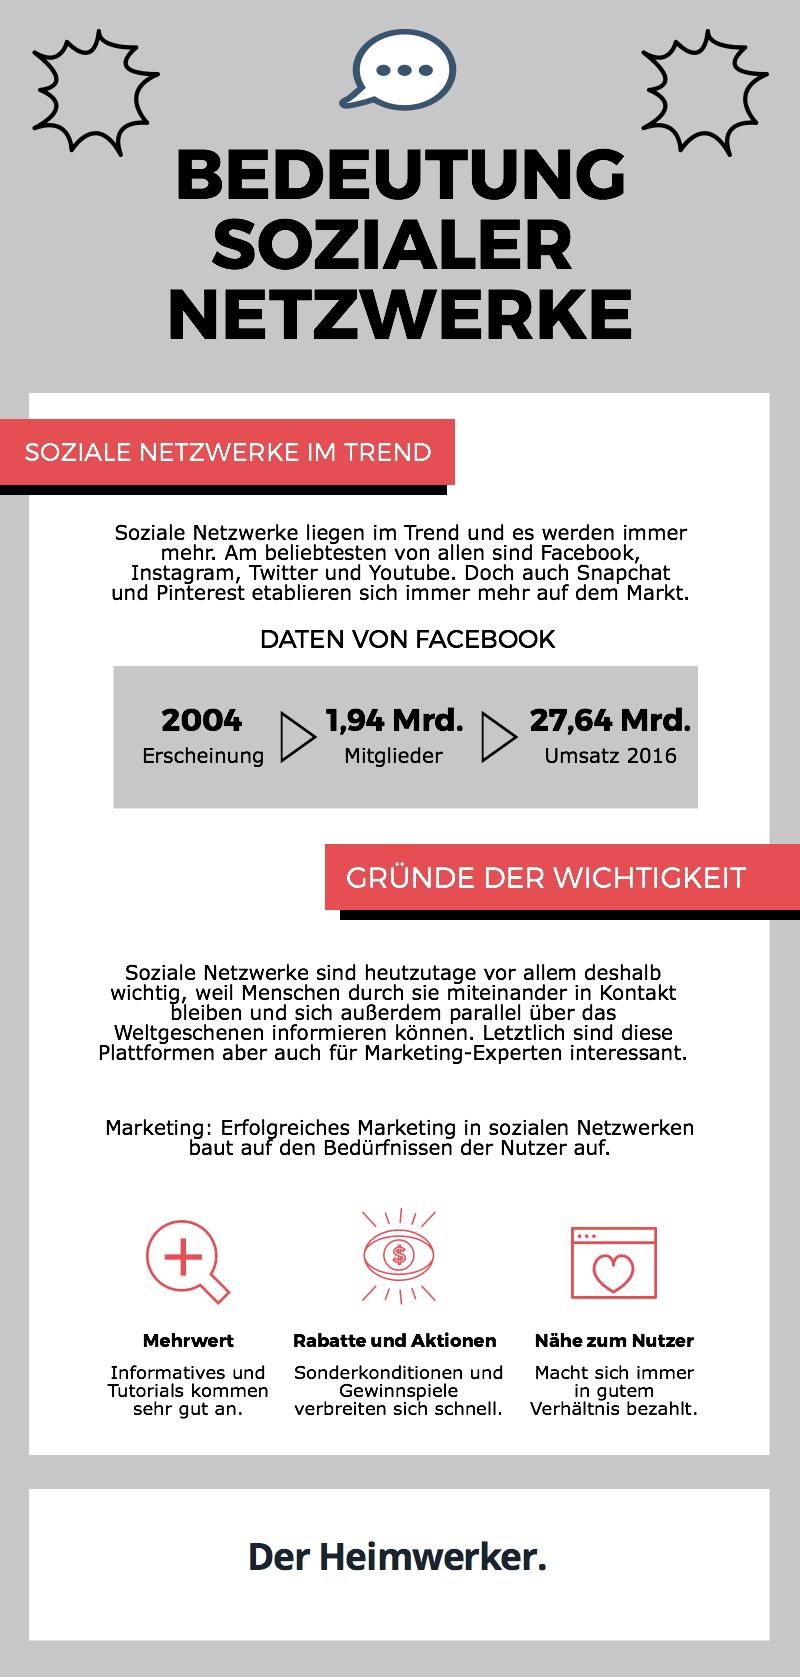 Infografik: In den bedeutendsten sozialen Netzwerken ergeben sich für moderne Unternehmen vielfältige Vermarktungsmöglichkeiten.